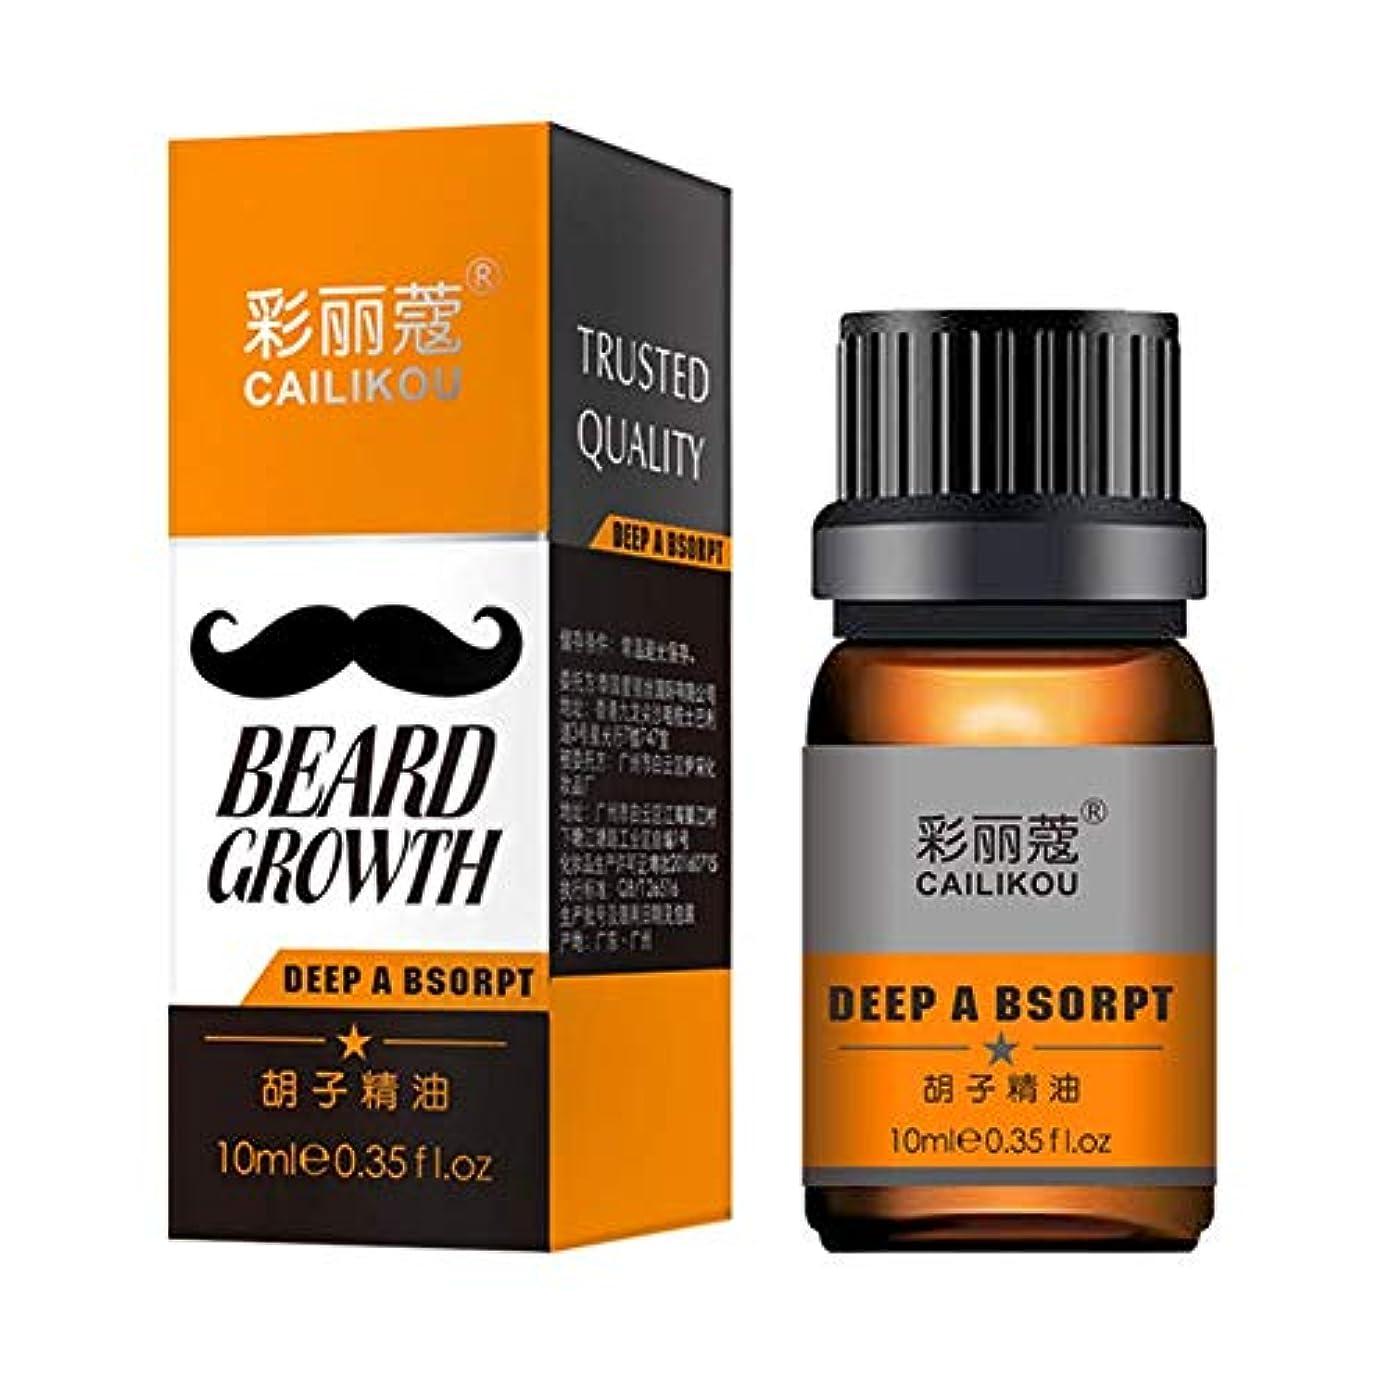 平らな不条理アコー男性用ひげ成長エッセンシャルオイル-10種類の天然コンディショナー成分とオーガニックエッセンシャルオイルで作られています